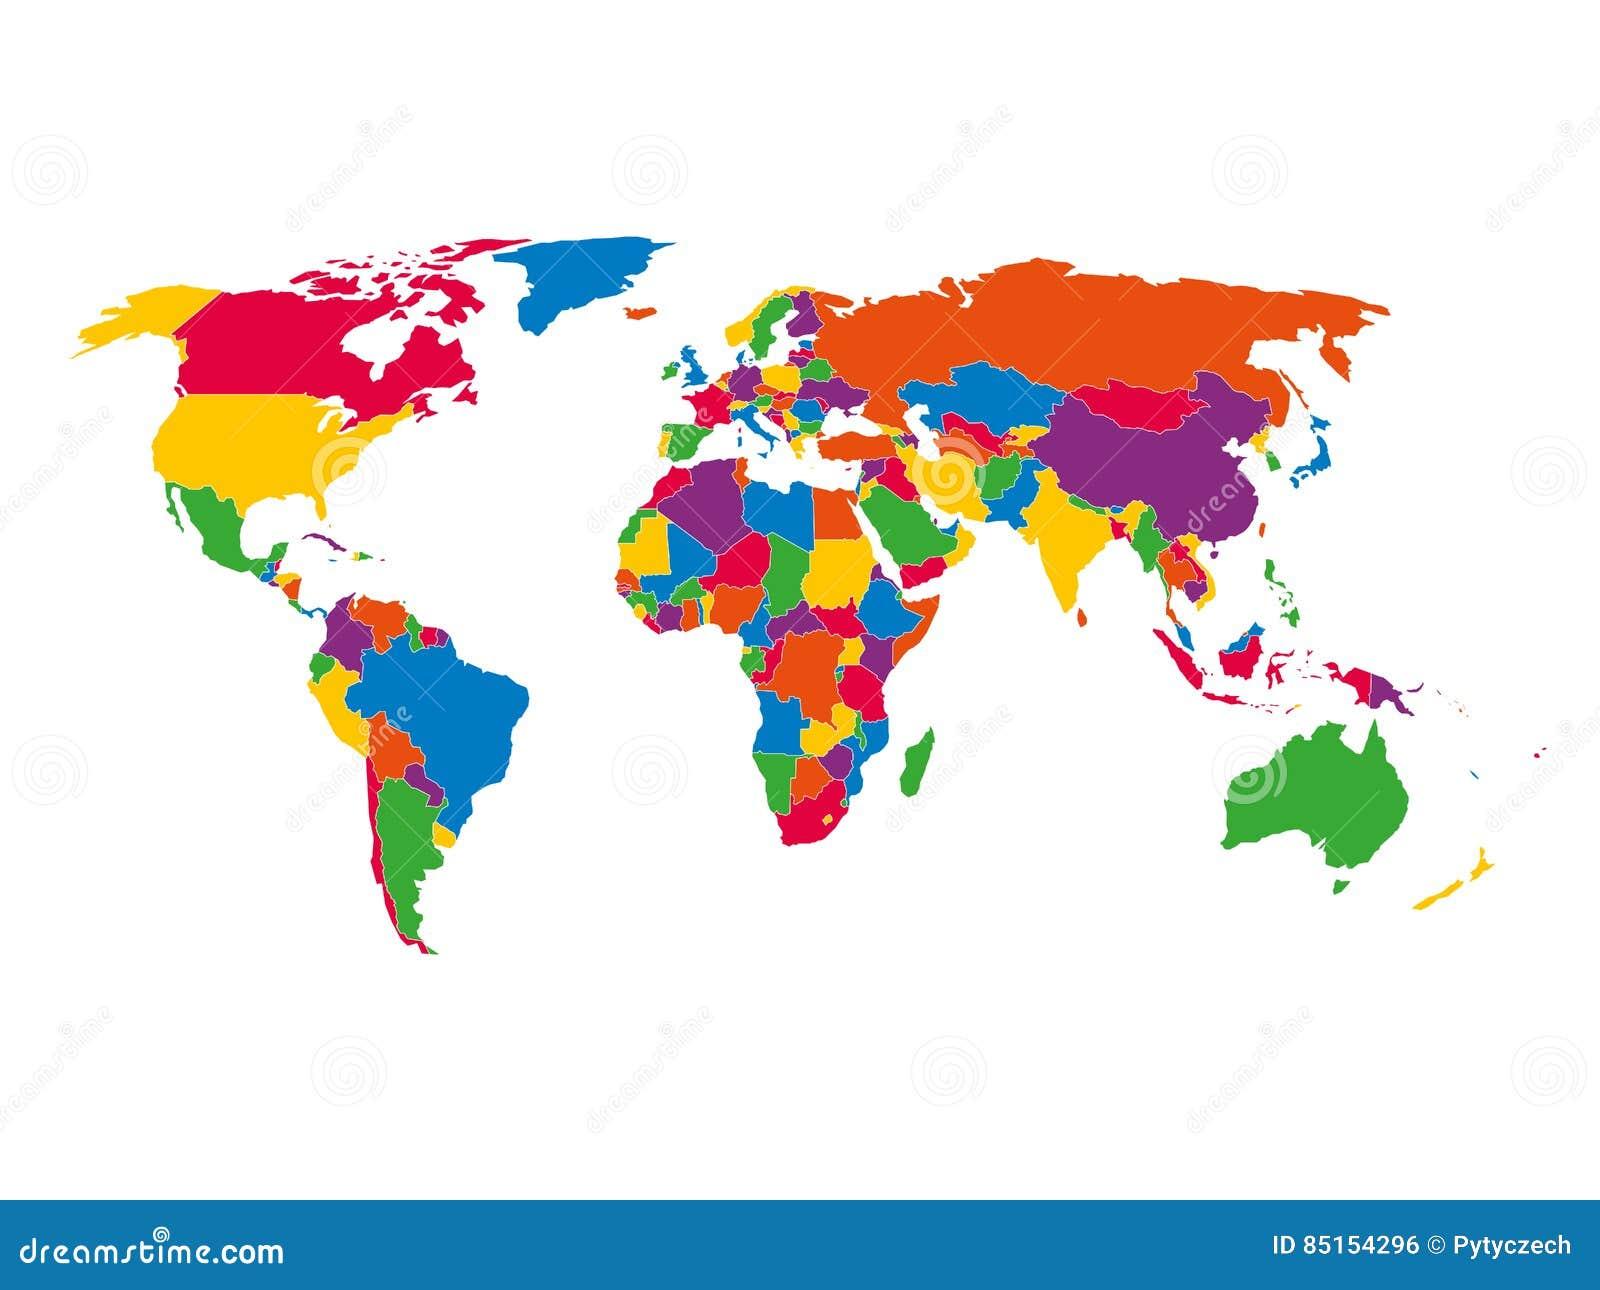 Mapa político en blanco multicolor del mundo con las fronteras nacionales de países en el fondo blanco